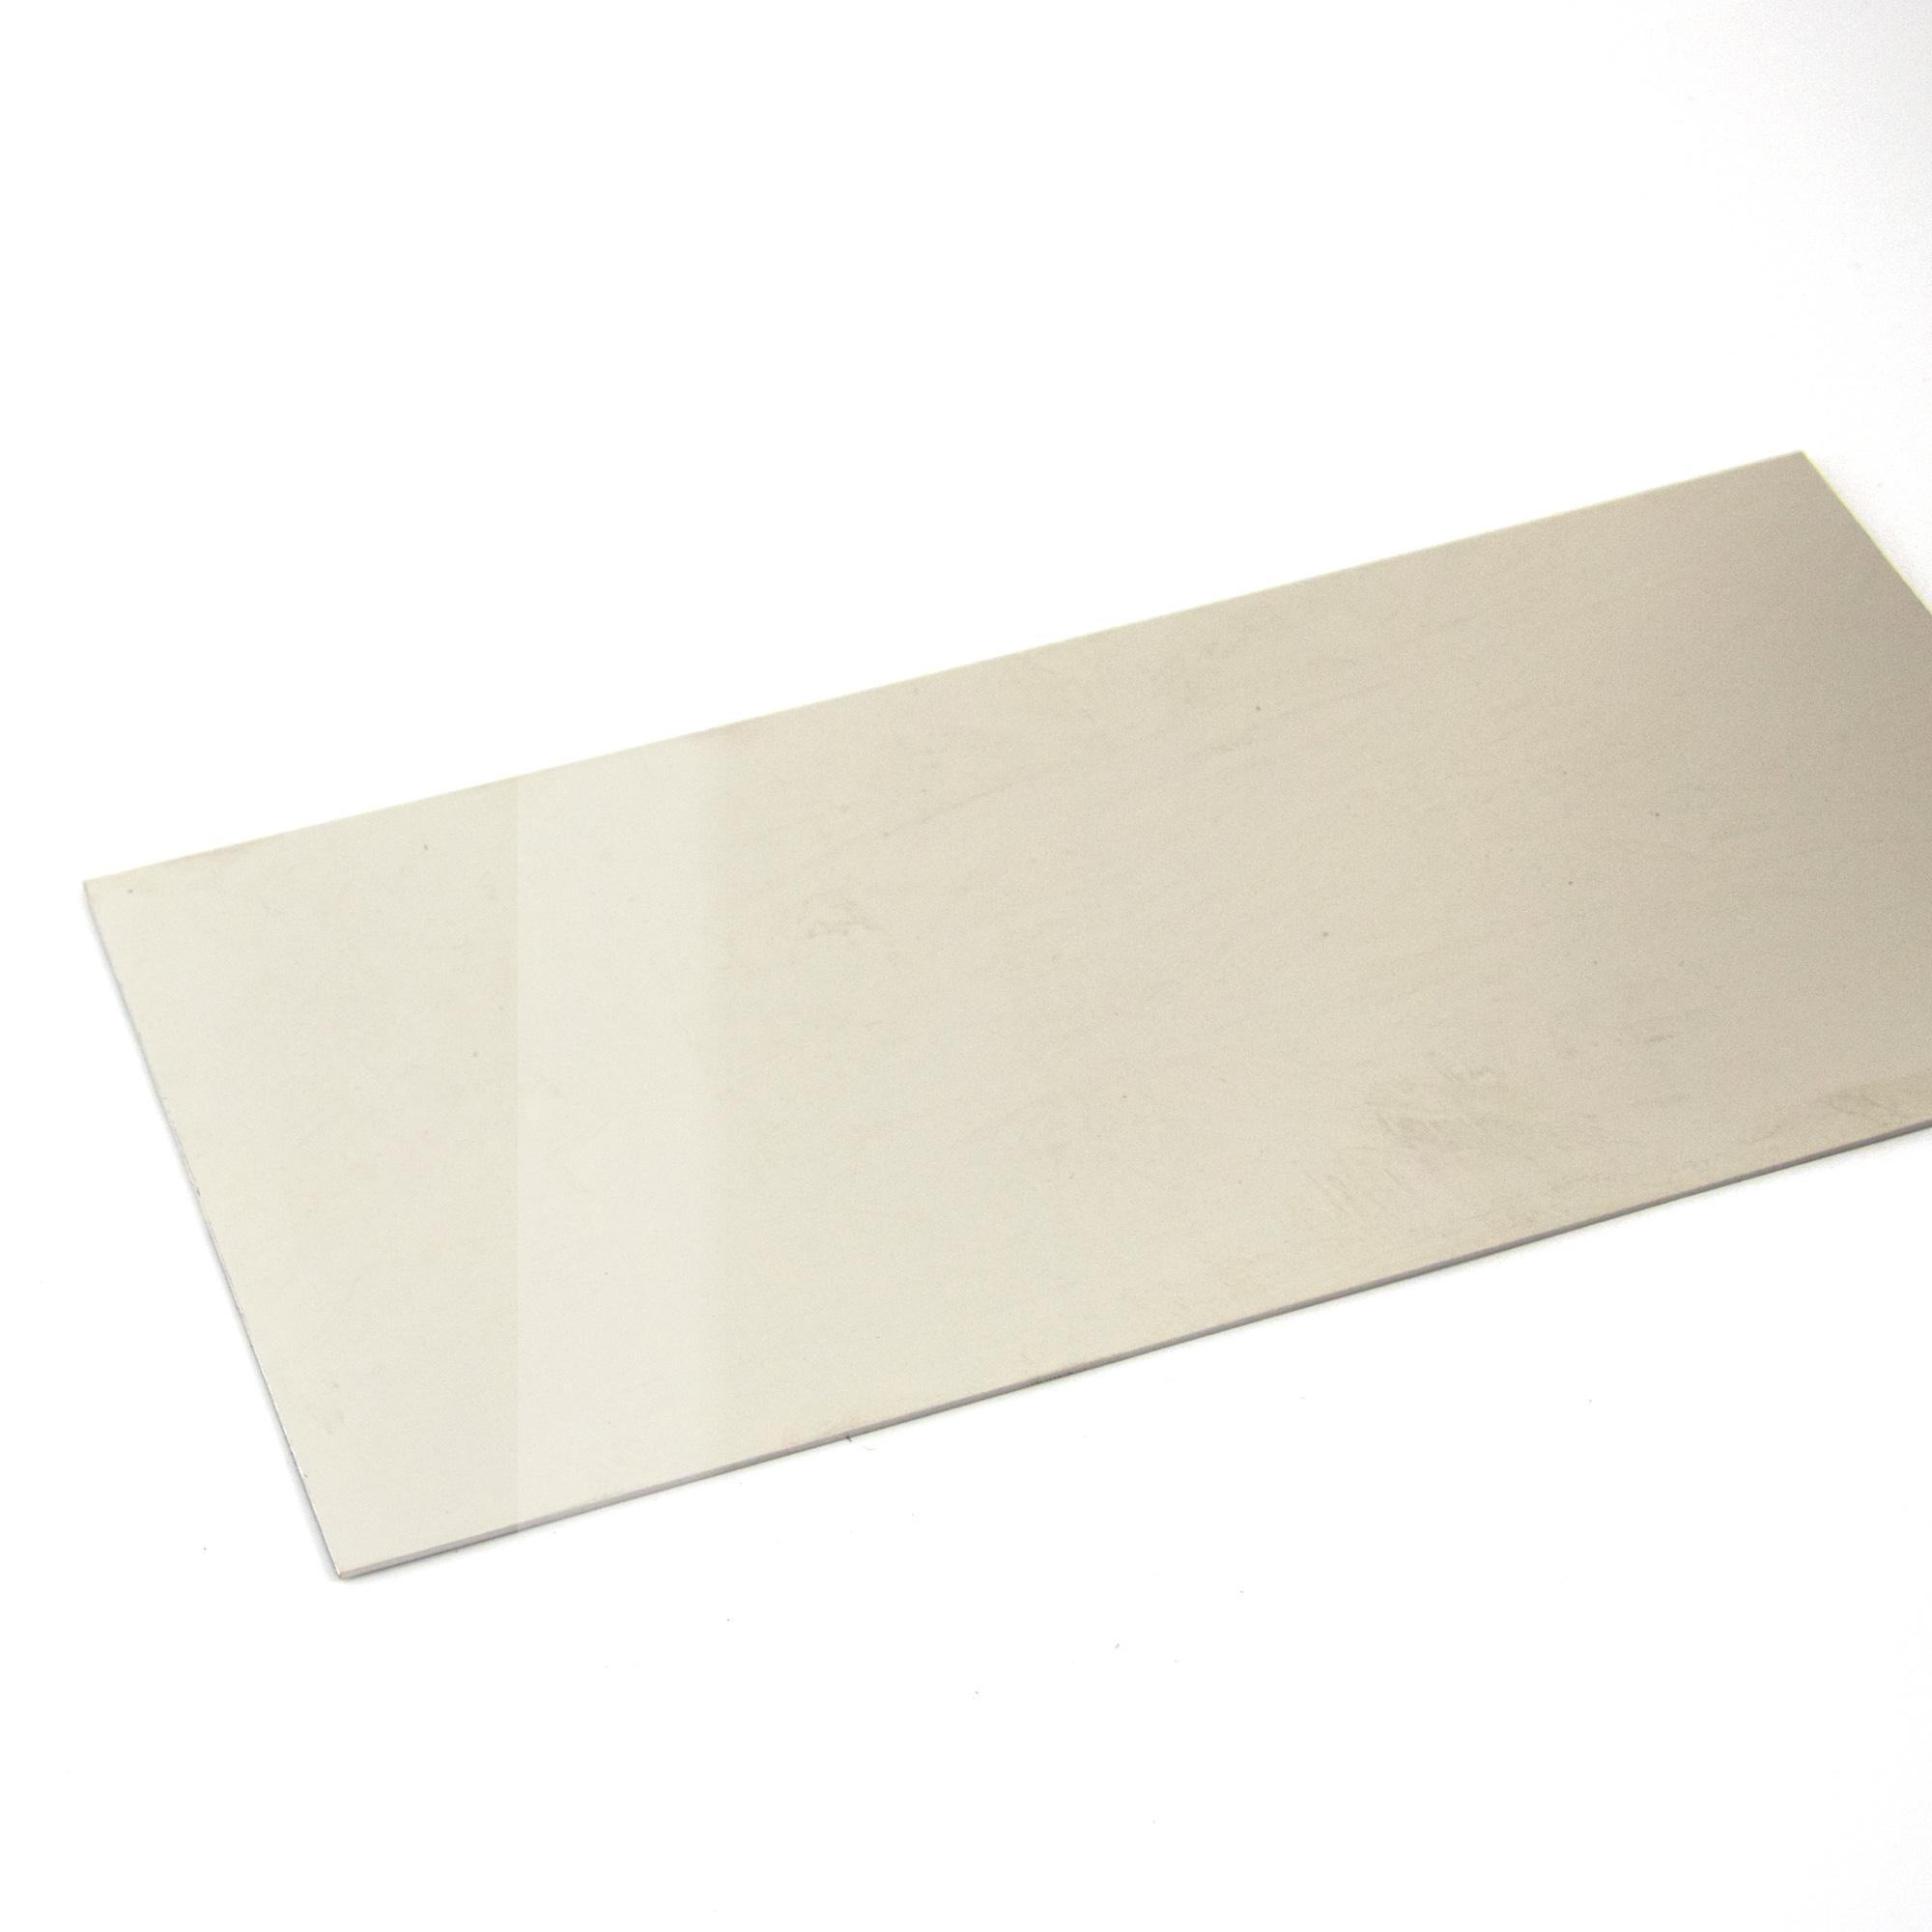 Acier inoxydable finition miroir - bords coupés au laser